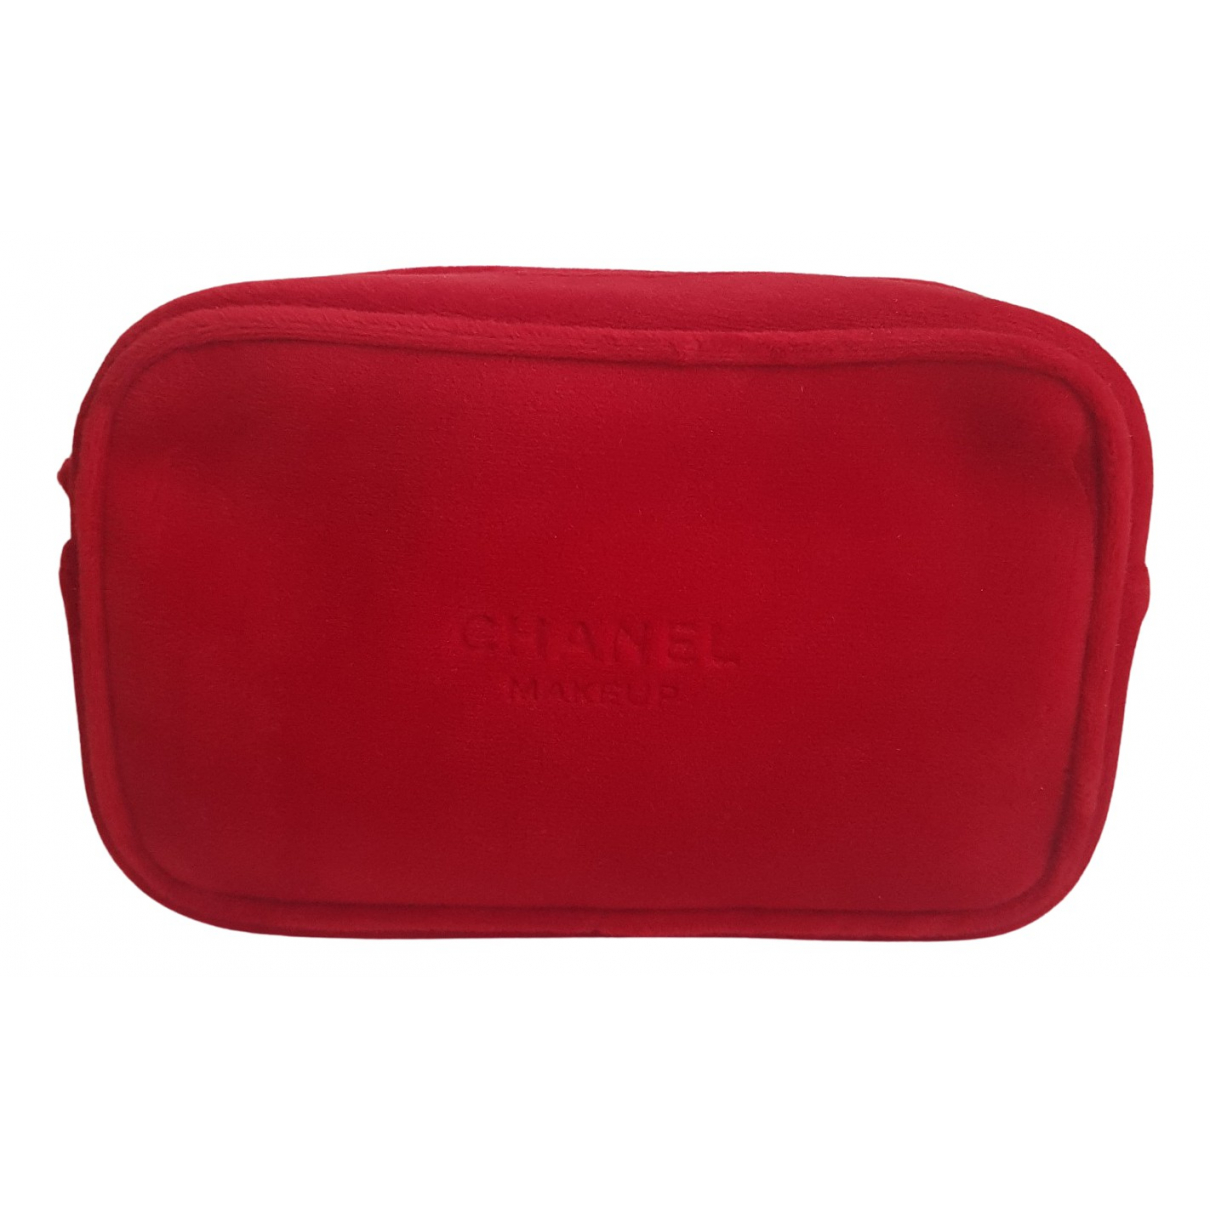 Chanel \N Red Velvet Travel bag for Women \N